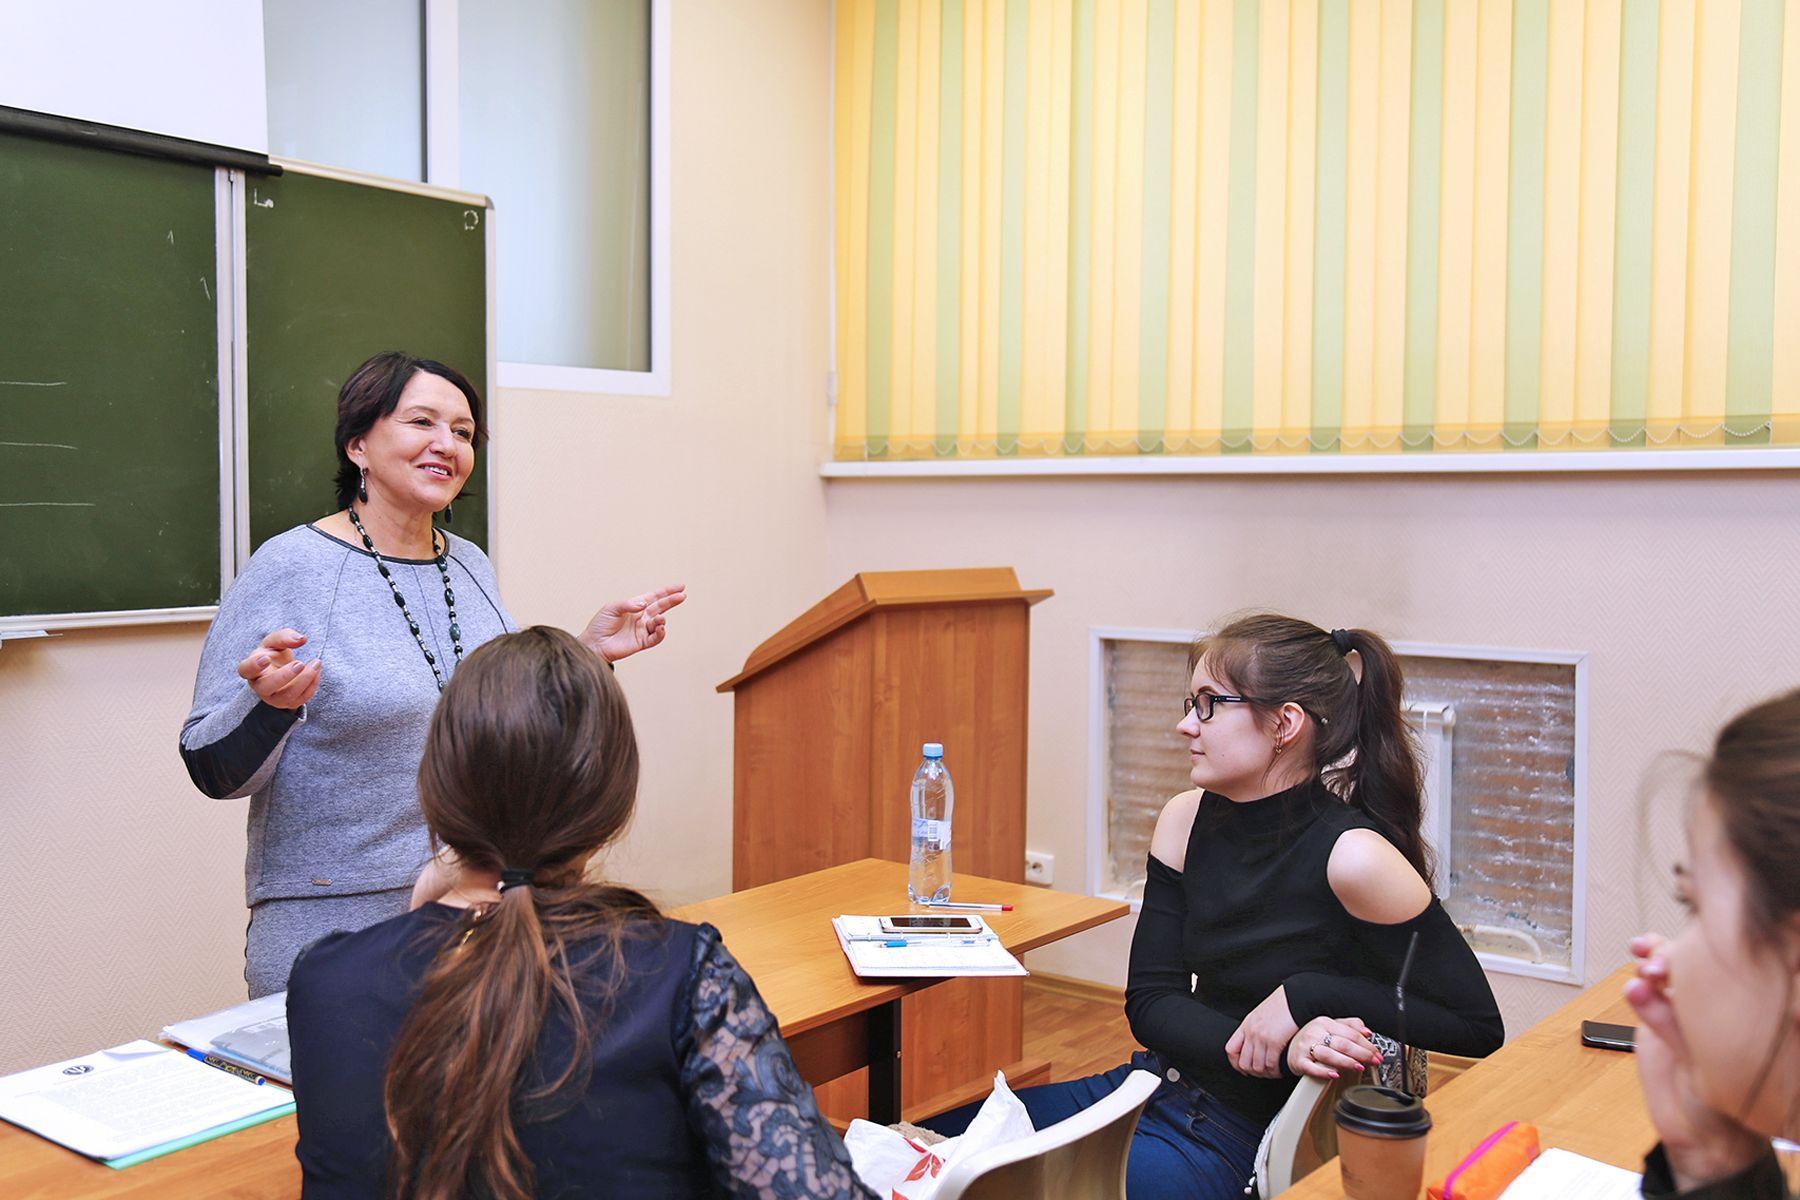 Открытые лекции во ВГУЭС: тренинг по психологии вызвал большой интерес у школьников Владивостока